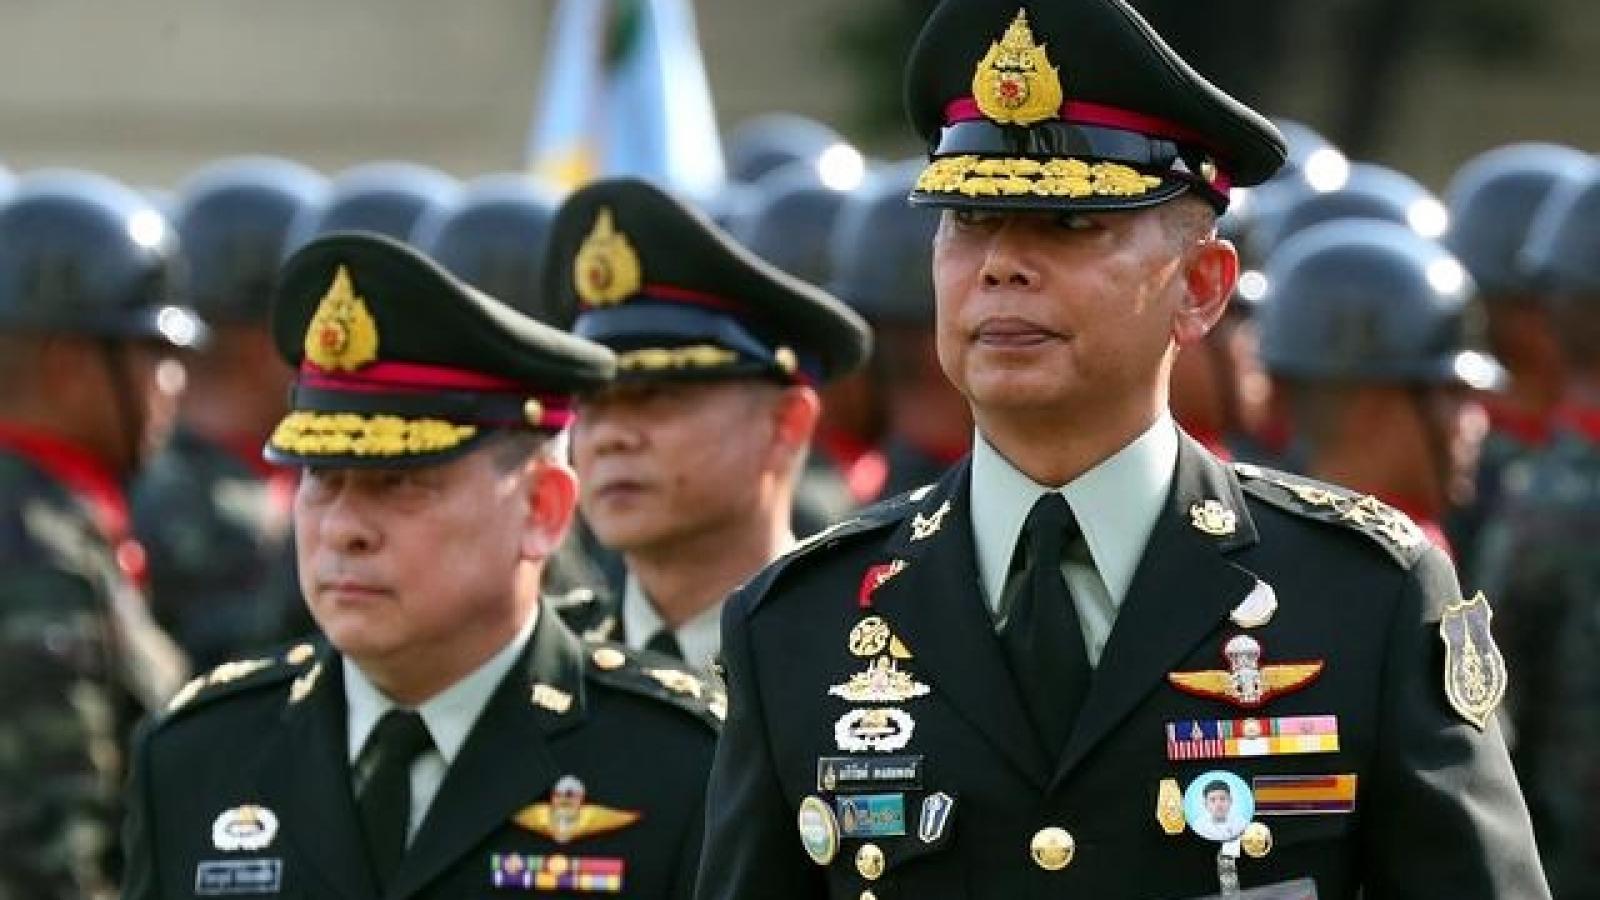 Thái Lan lên kế hoạch cắt giảm 25% số lượng tướng lĩnh